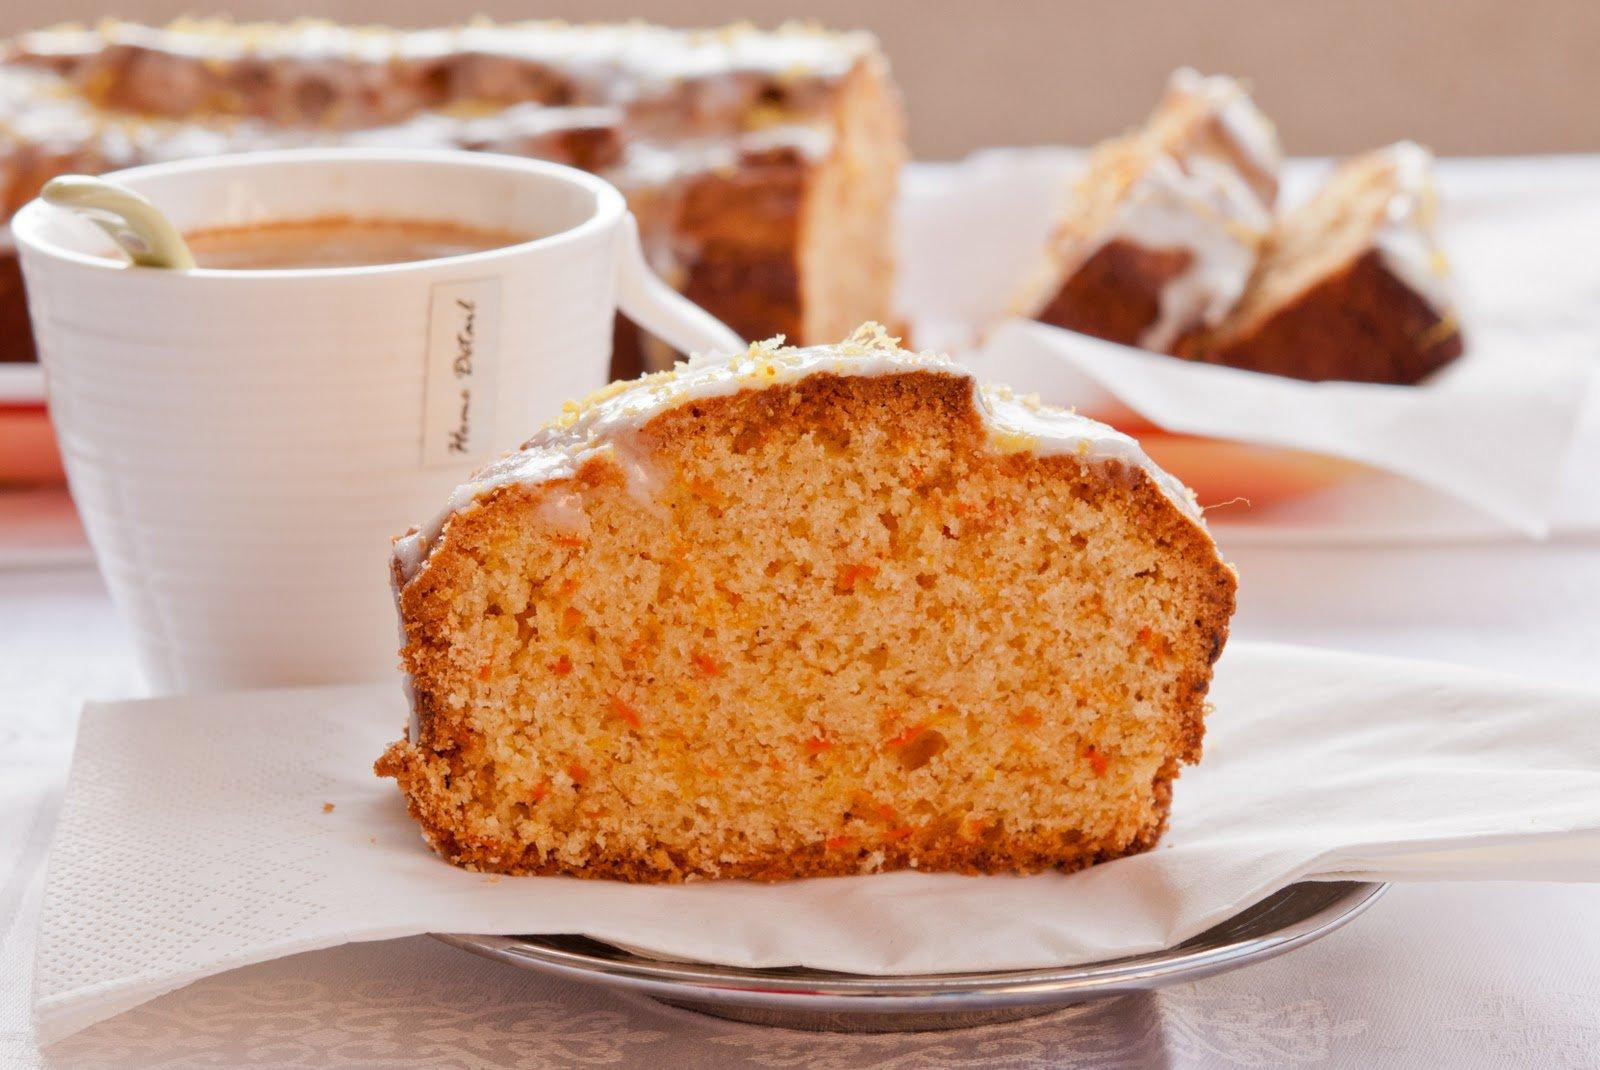 пример, постный морковный пирог рецепт с фото дополнительную плату